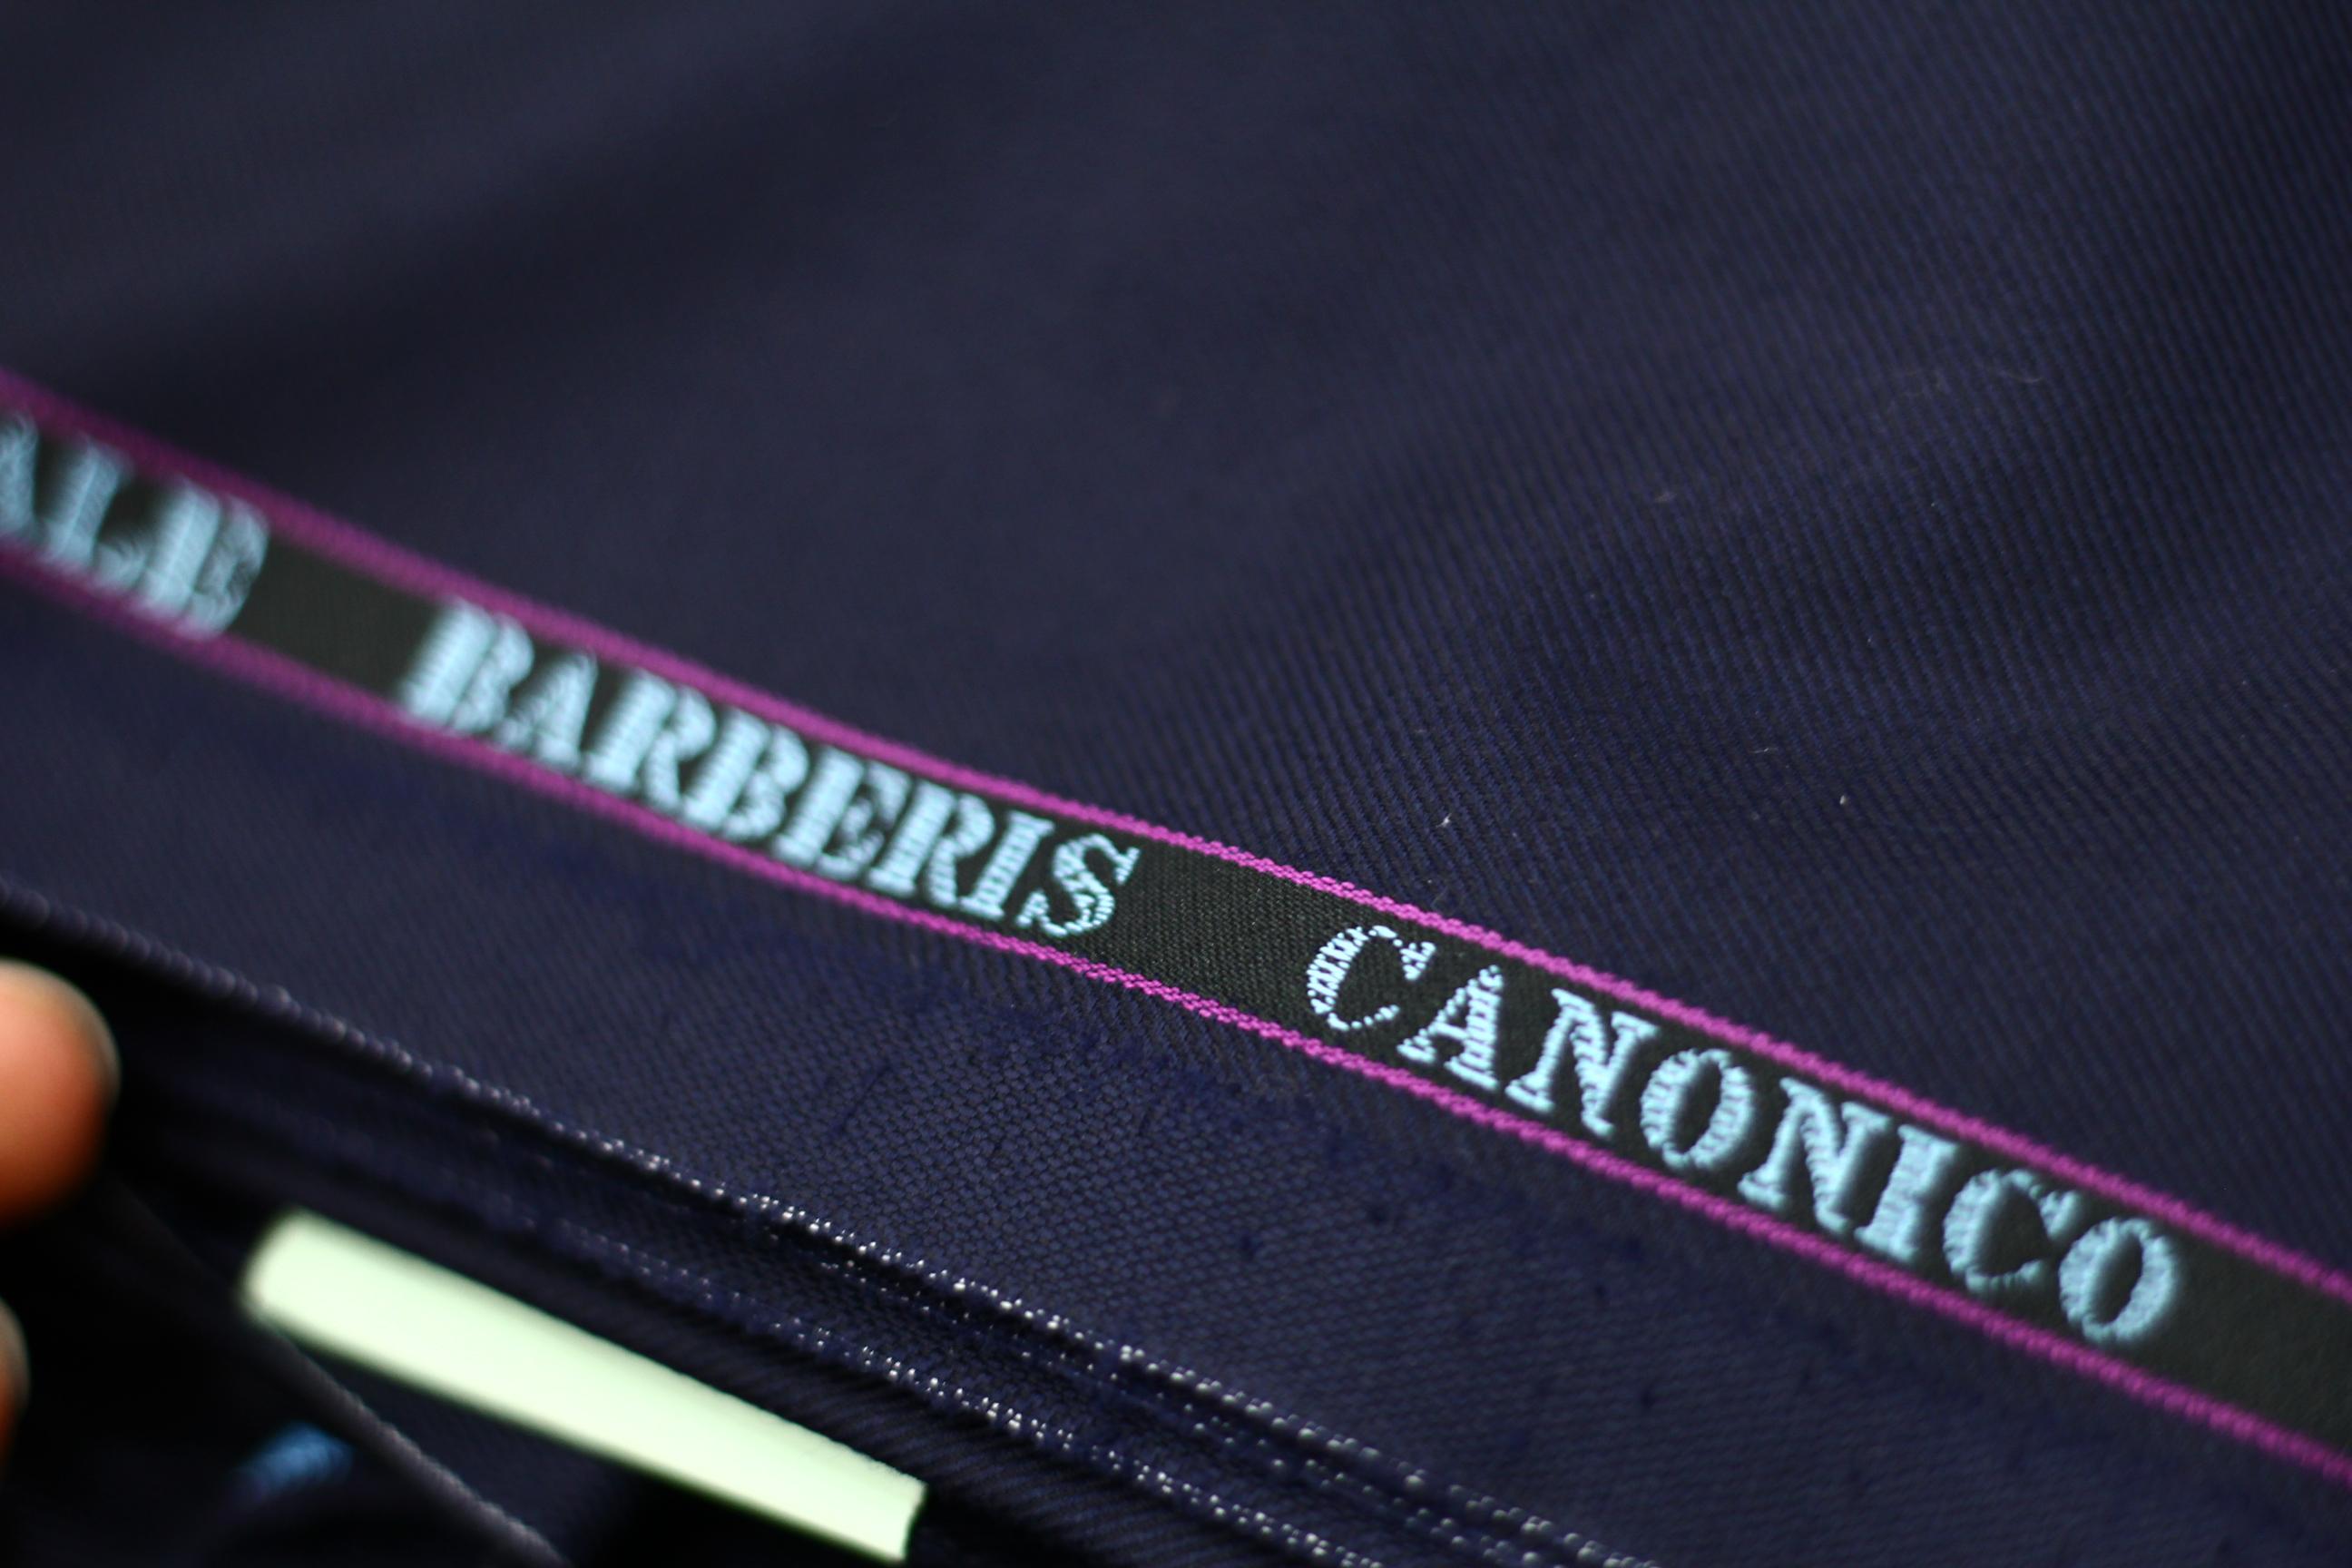 パンツフェア 目玉商品 カノニコ Super160's 紫耳-2パンツフェア 目玉商品 カノニコ Super160's 紫耳-2